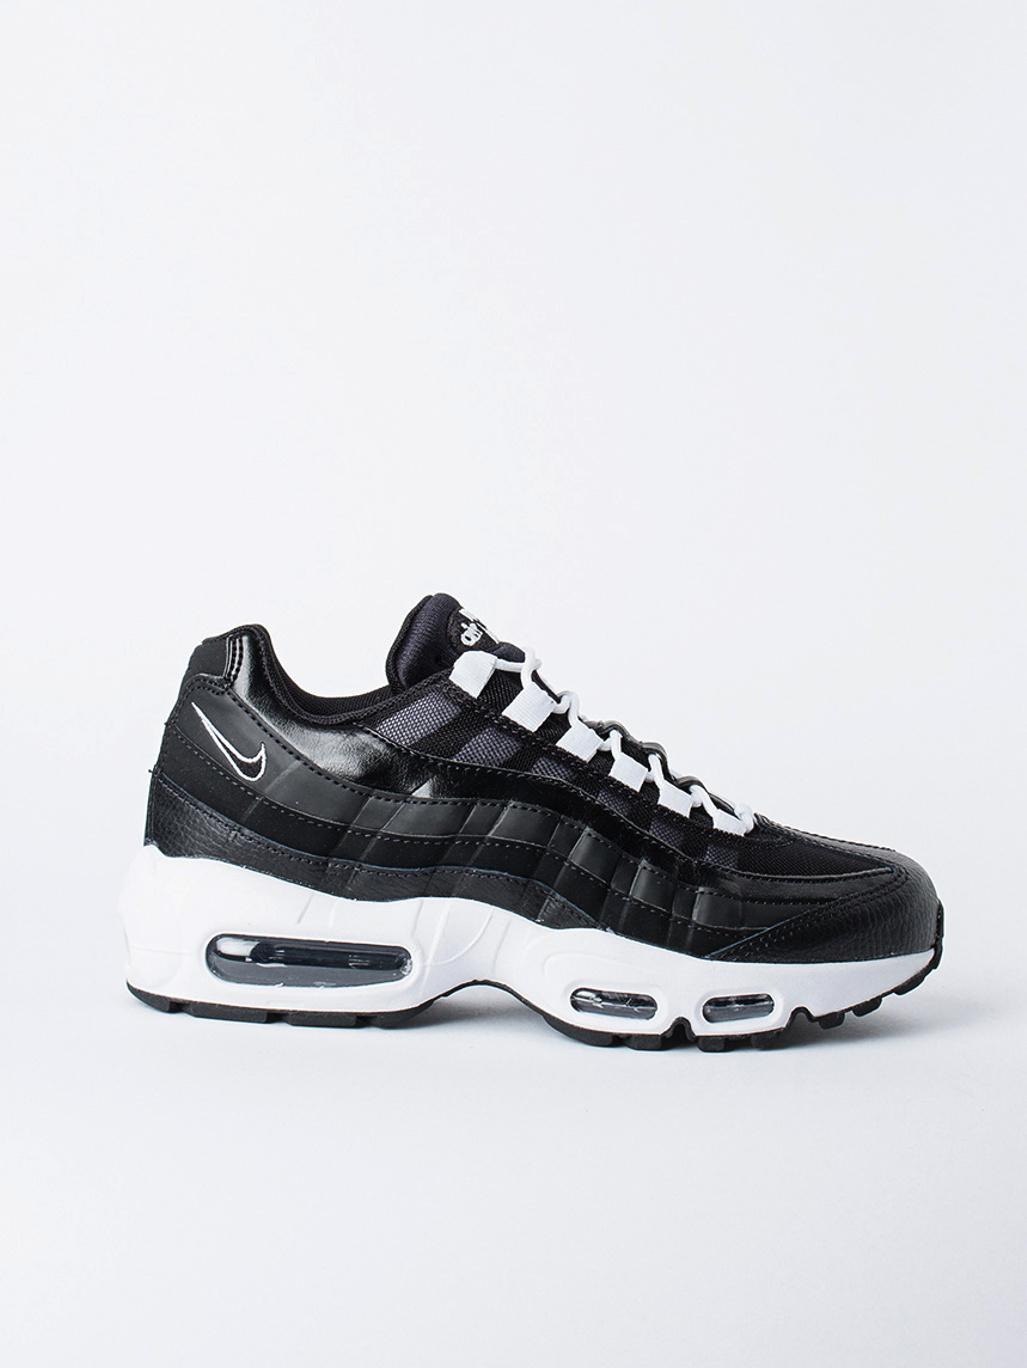 sports shoes 5b746 4e88a Nike Air Max 95 Black